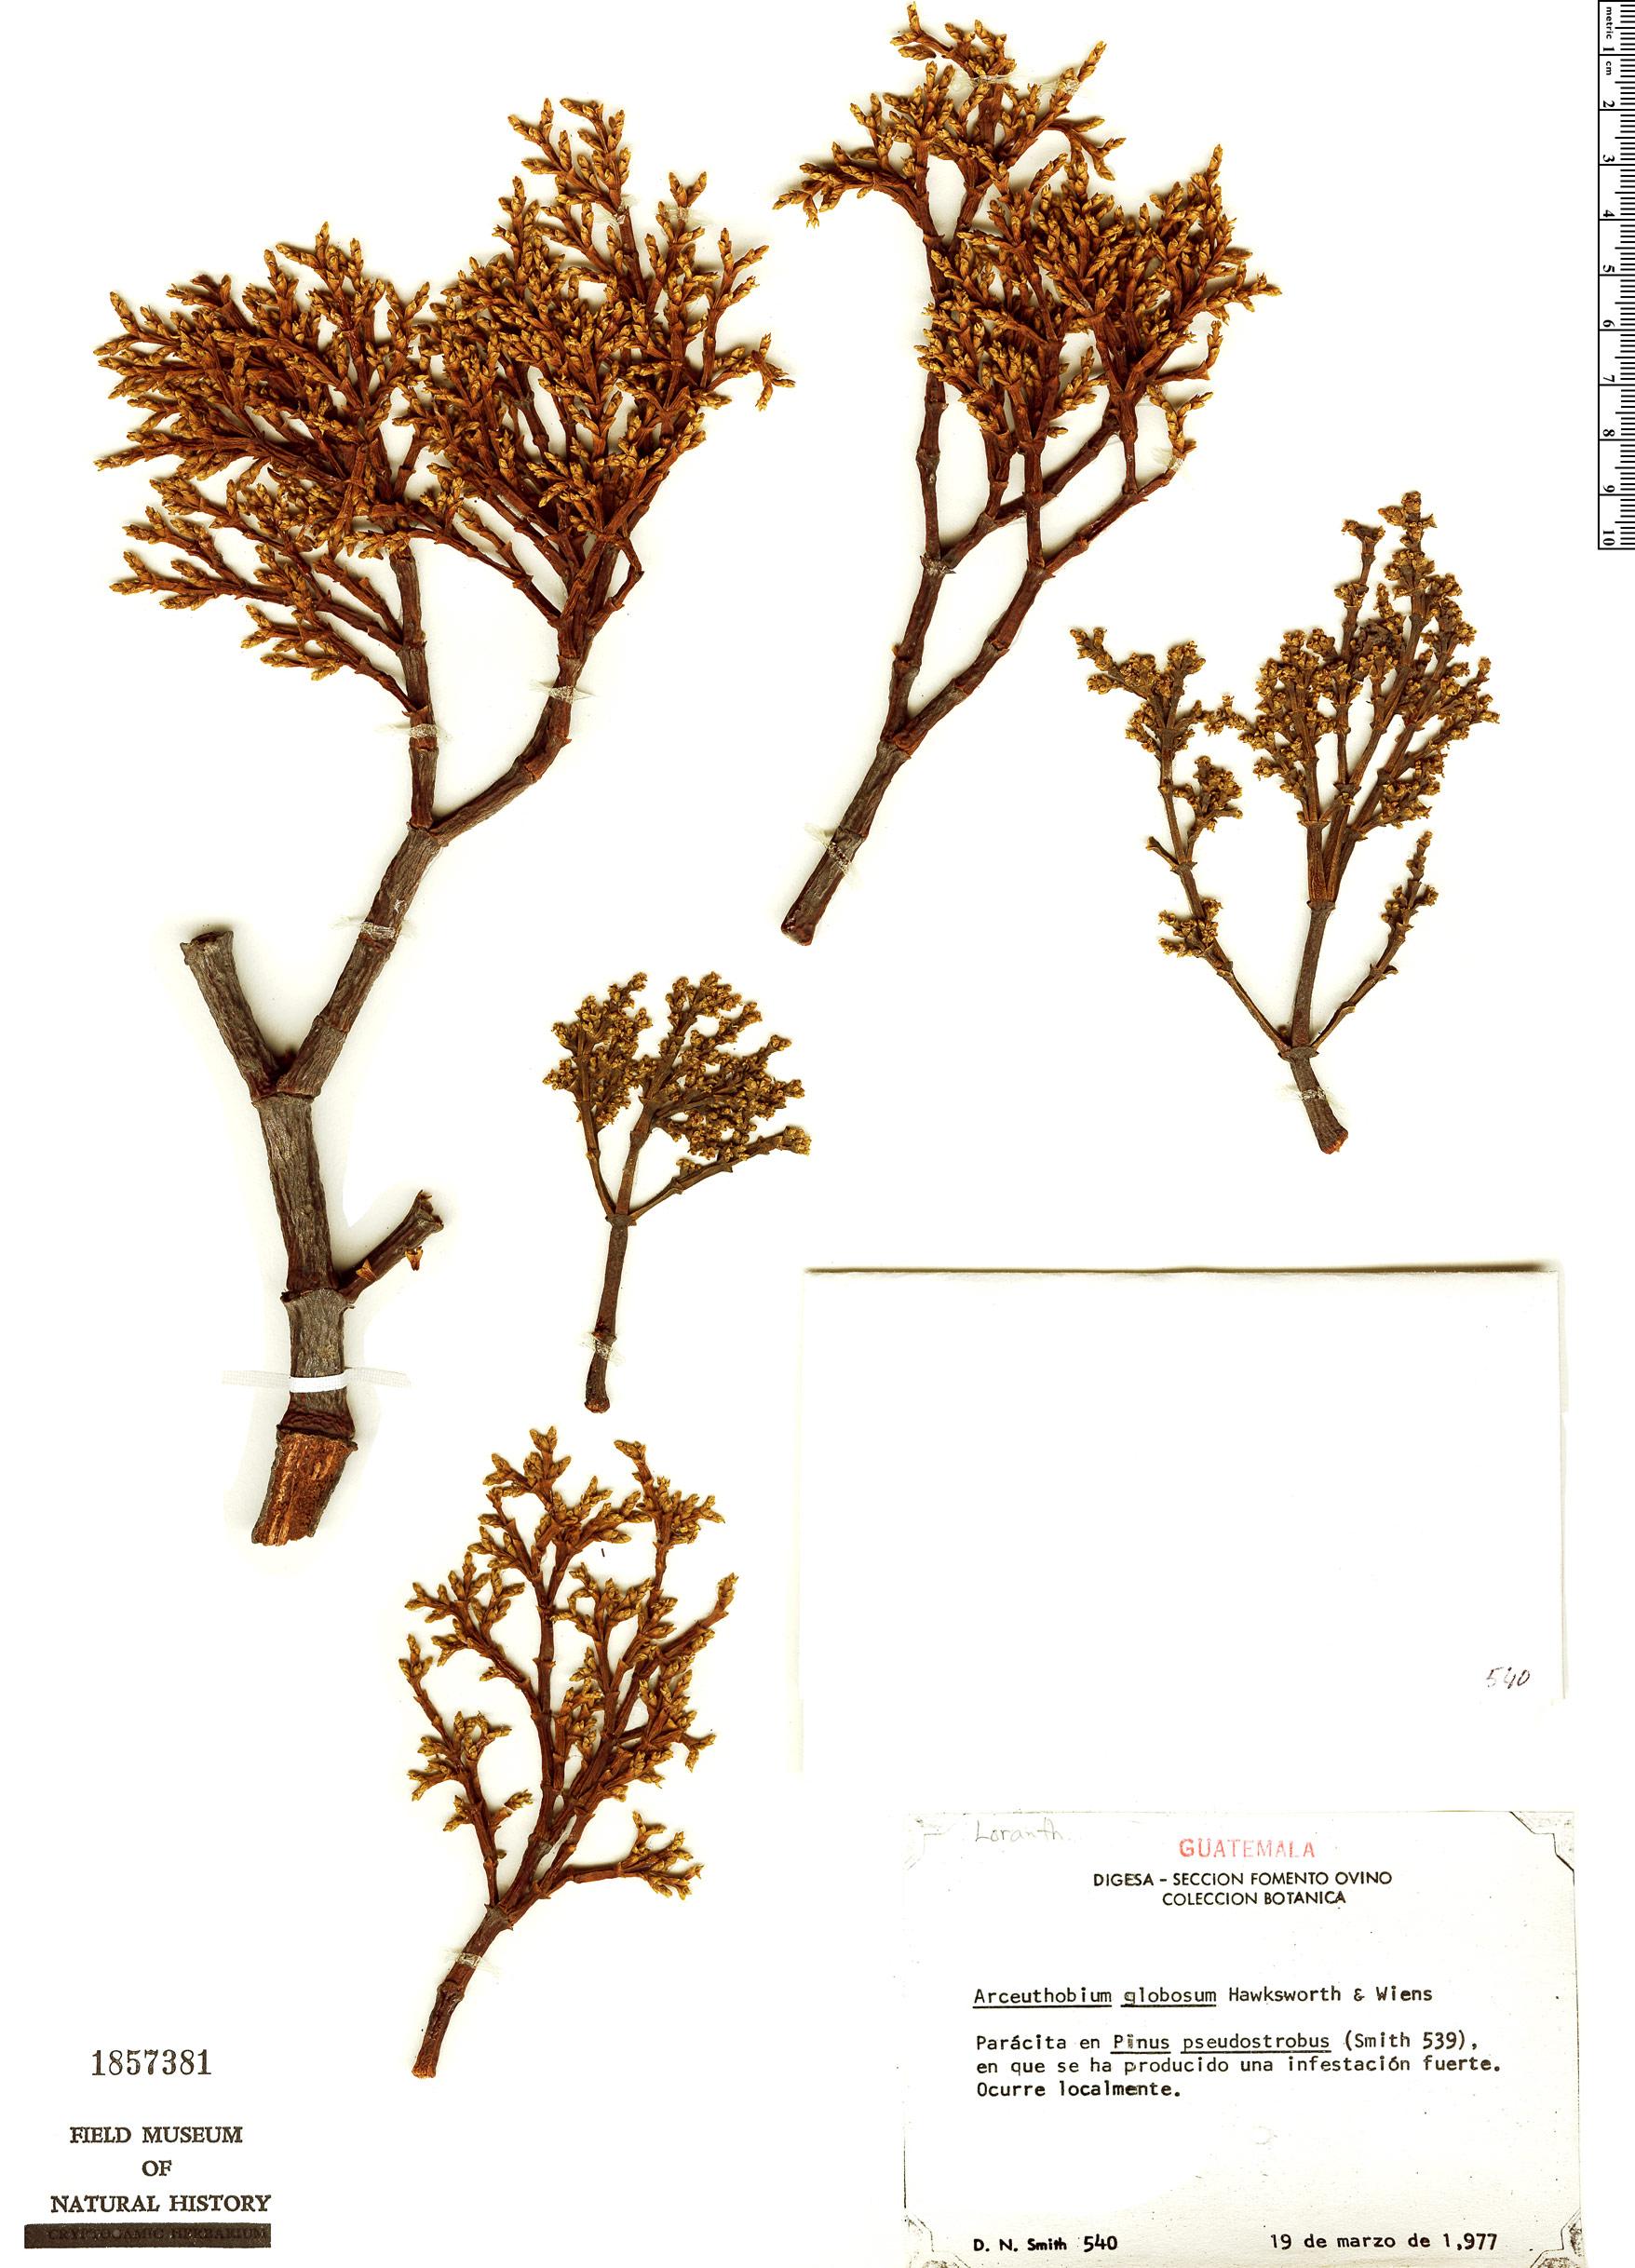 Specimen: Arceuthobium globosum